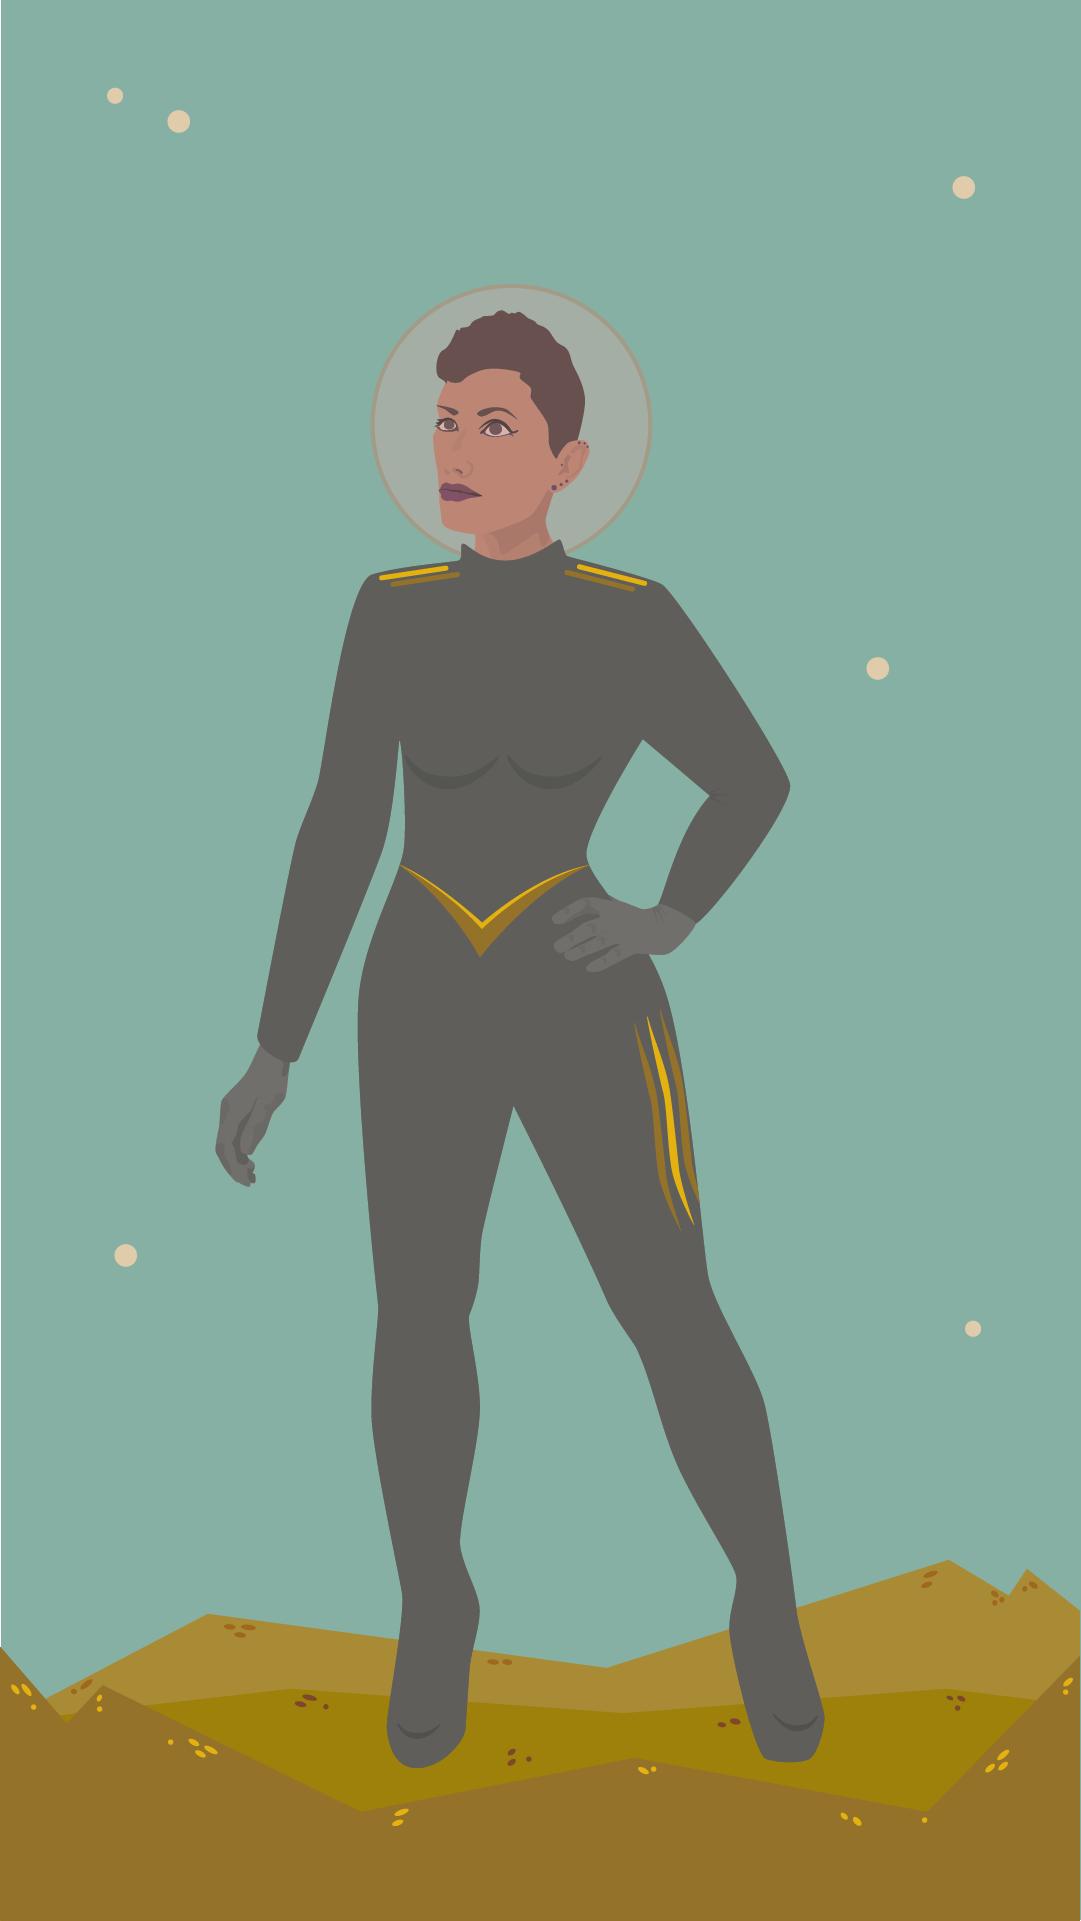 Astronaut on Tír